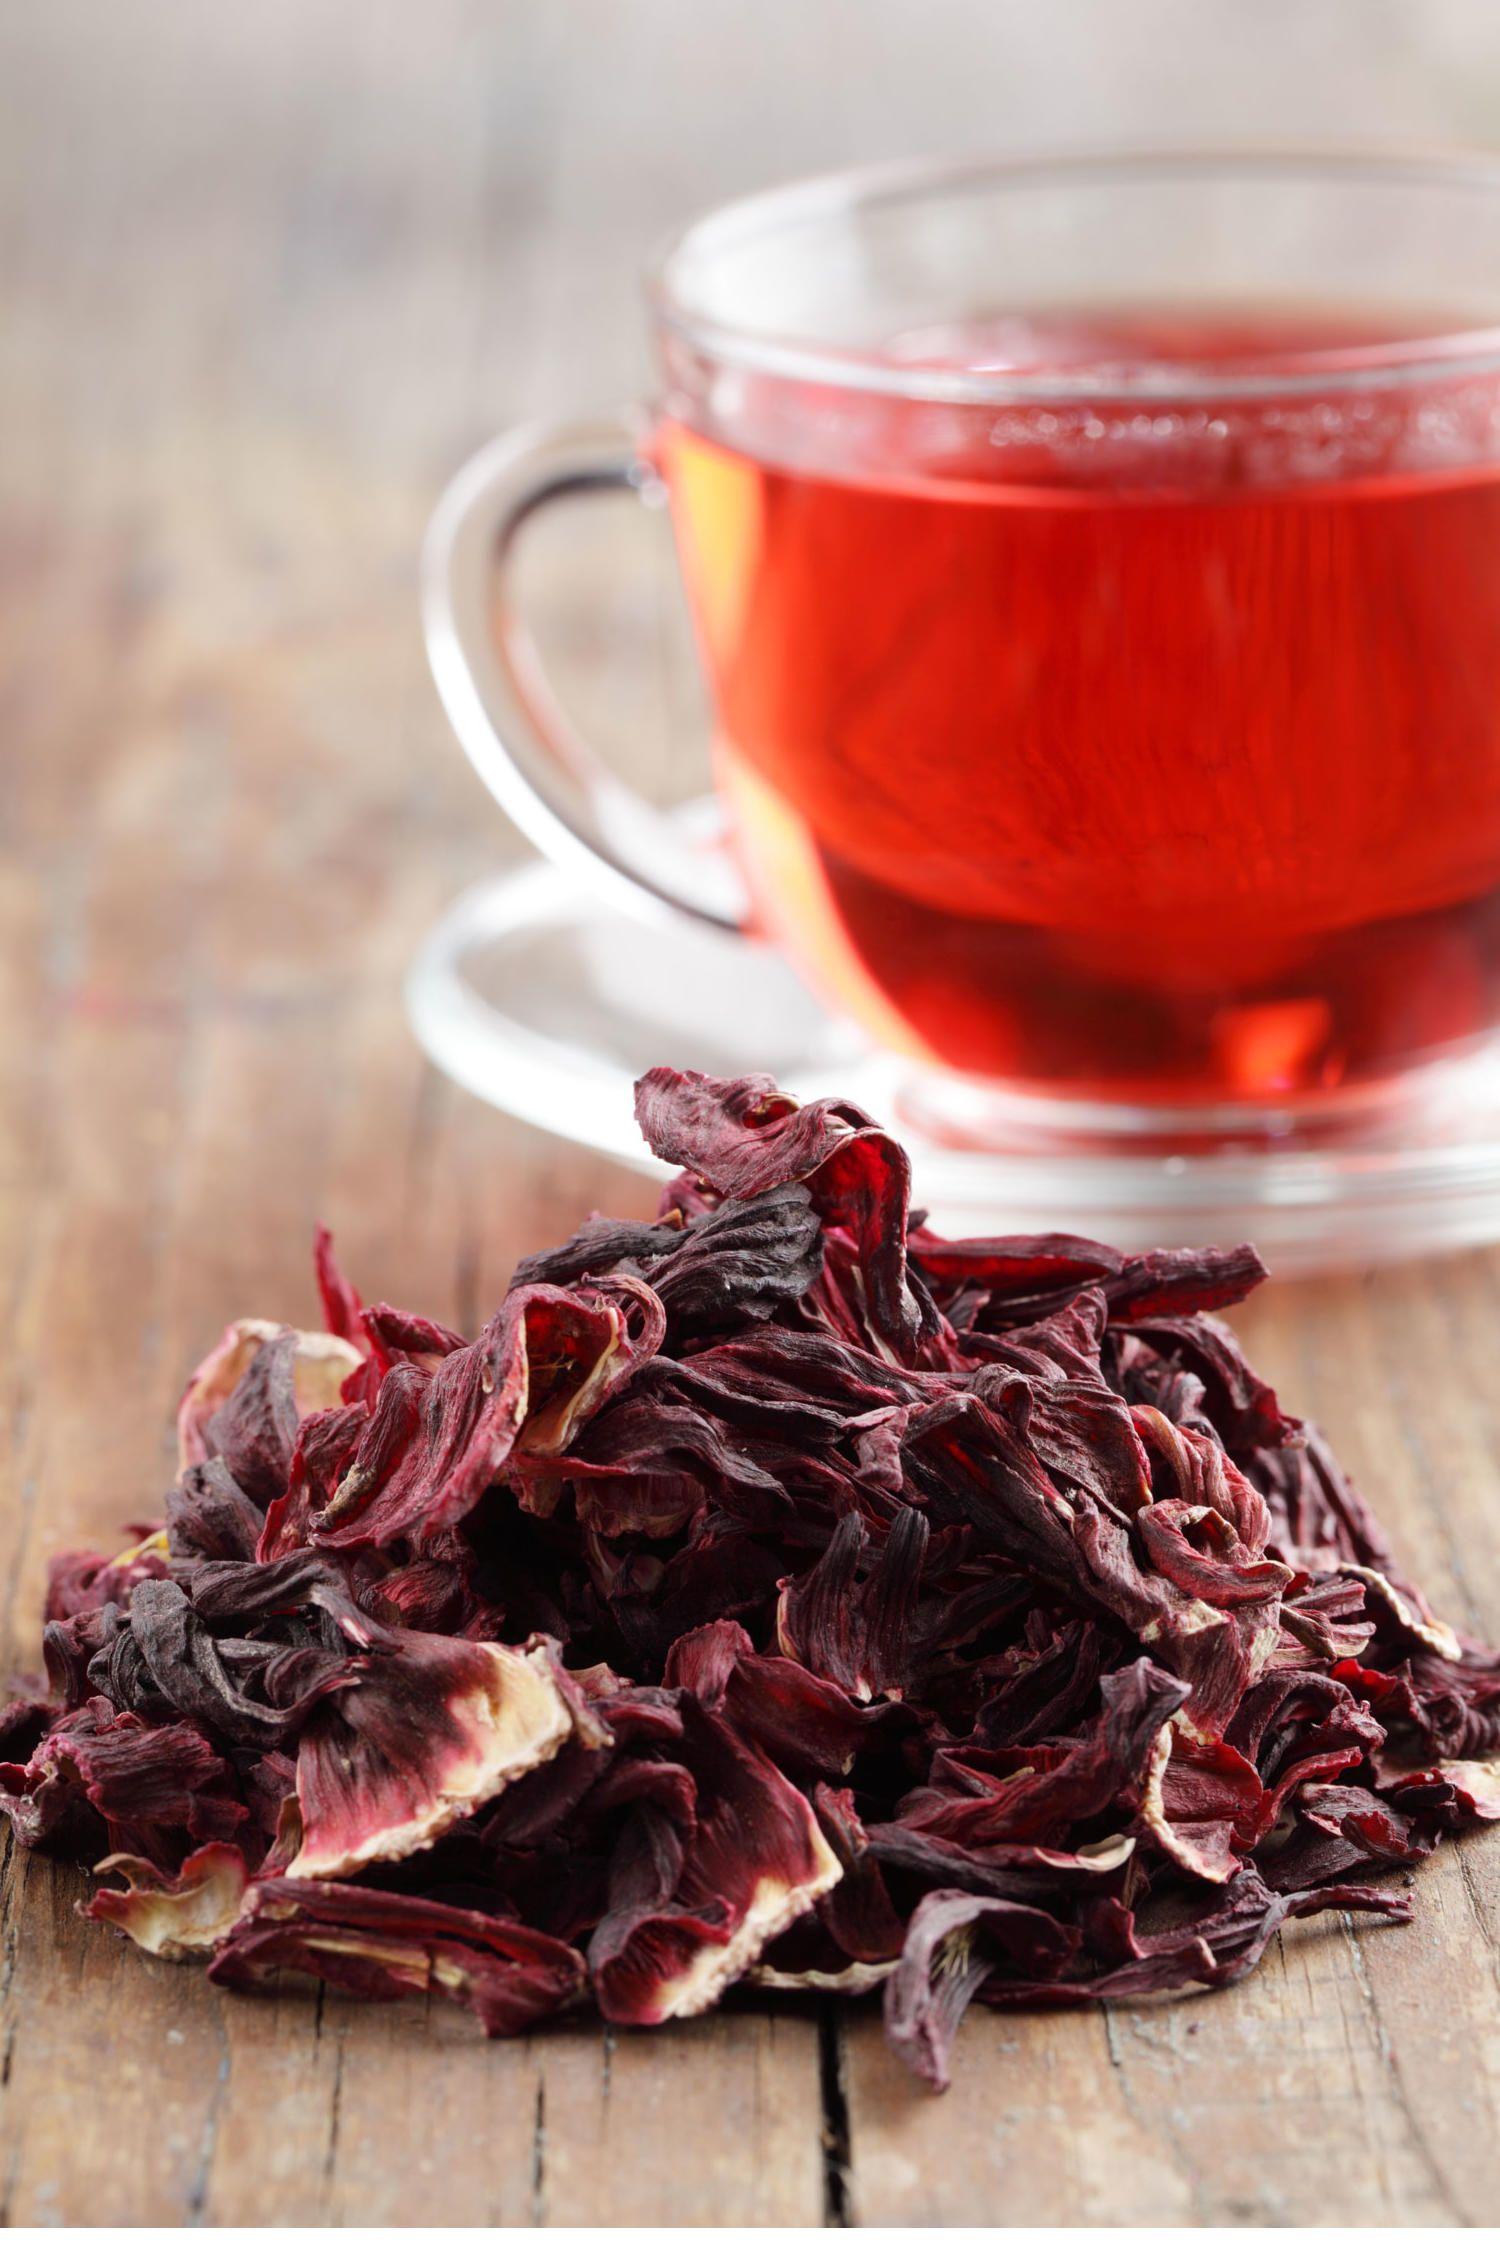 Kiraz Sapı Çayı Zayıflatır Mı ve Faydaları Nelerdir